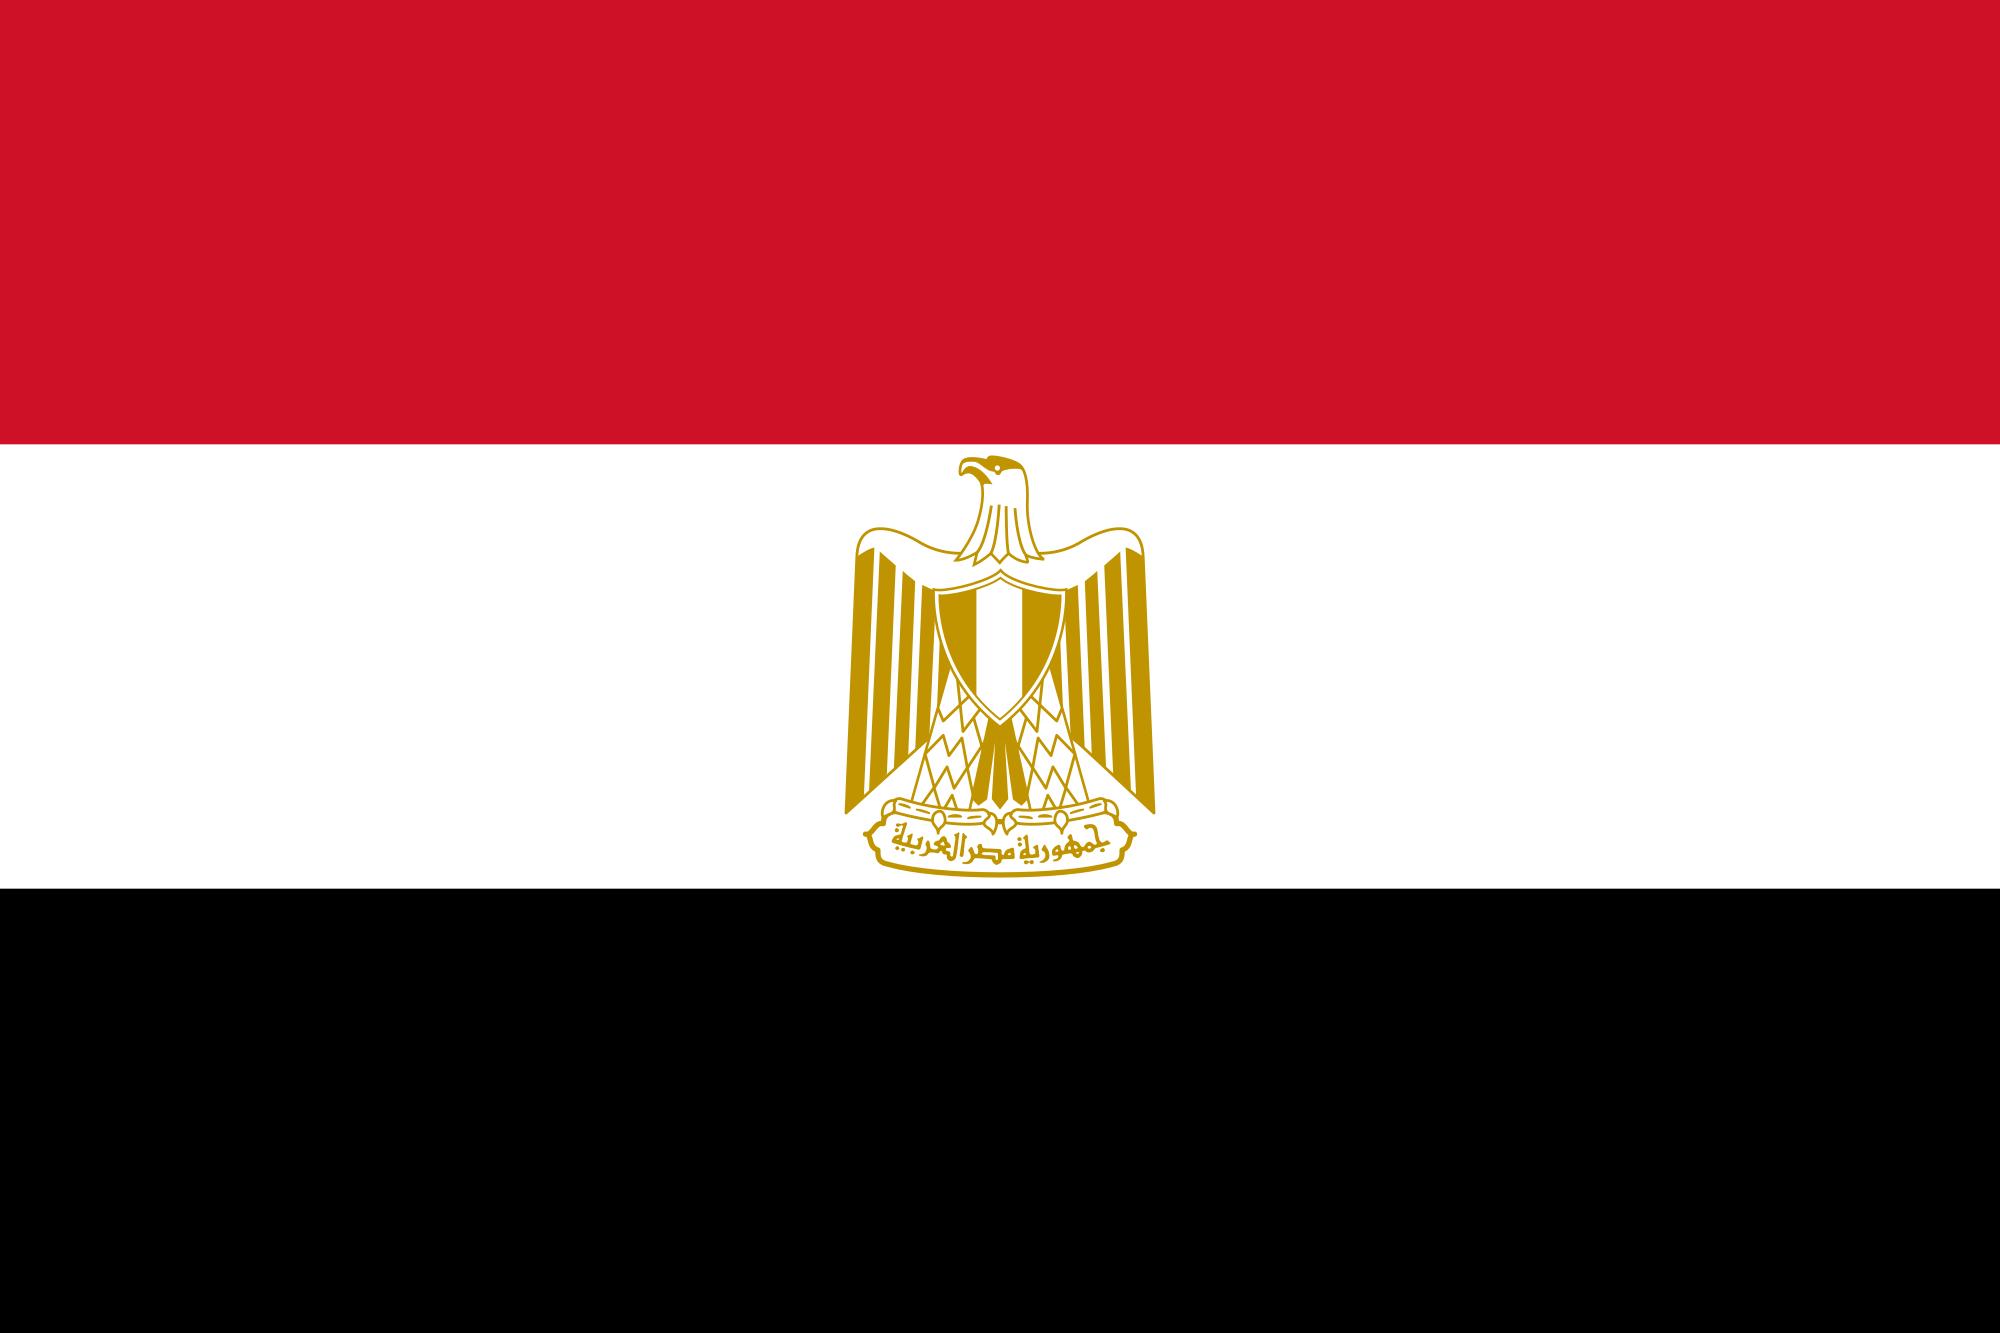 75666-علم-مصر